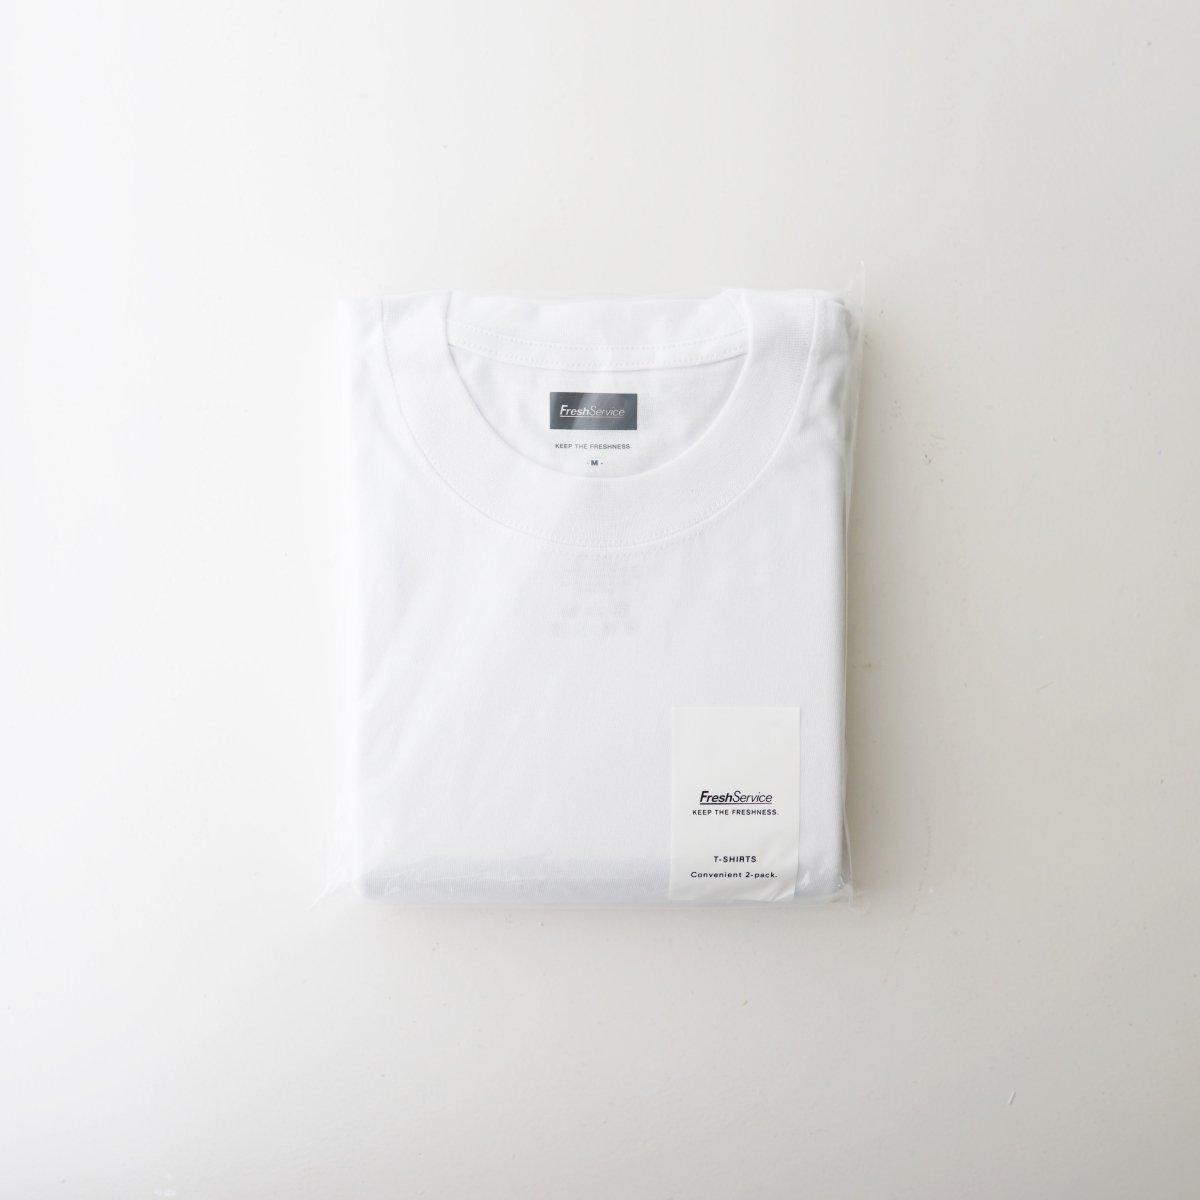 【FreshService フレッシュサービス】 ORIGINAL 2-PACK TEE - WHITE